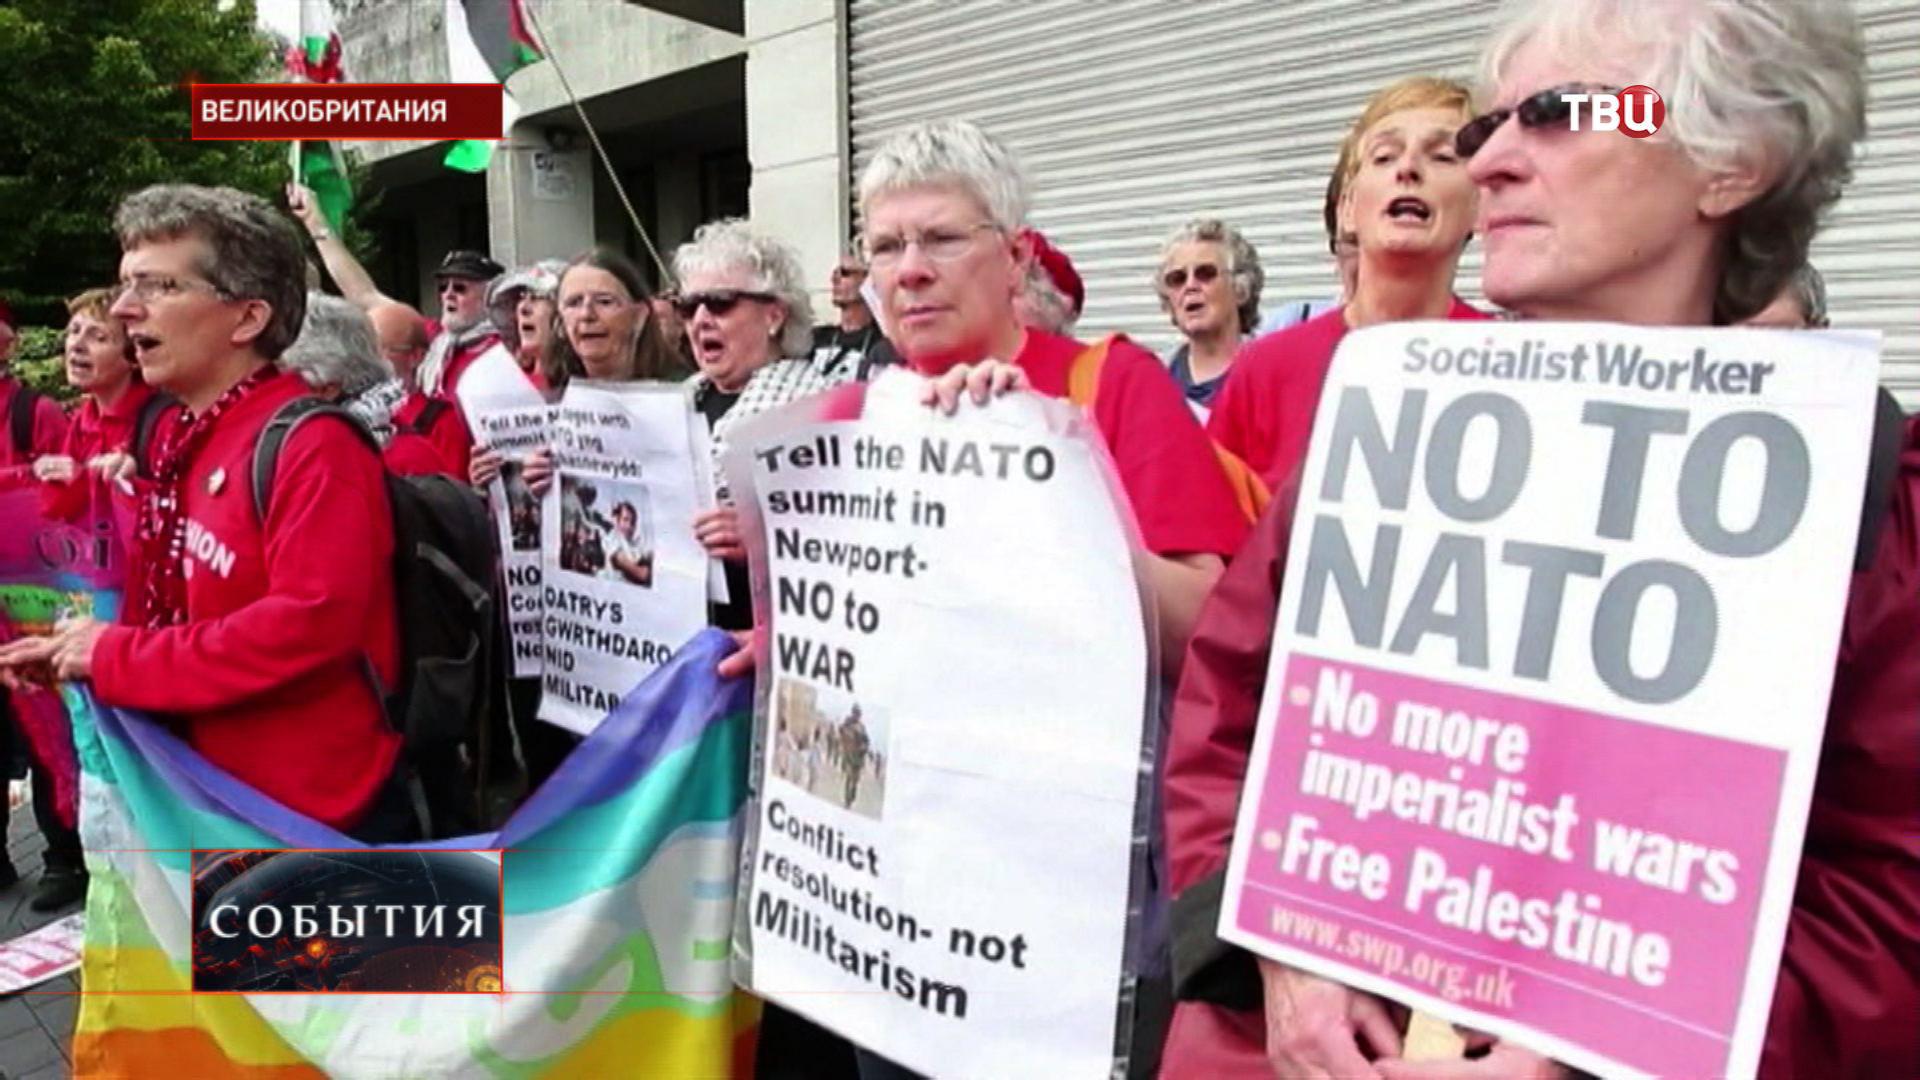 Протесты против политики НАТО в Великобритании